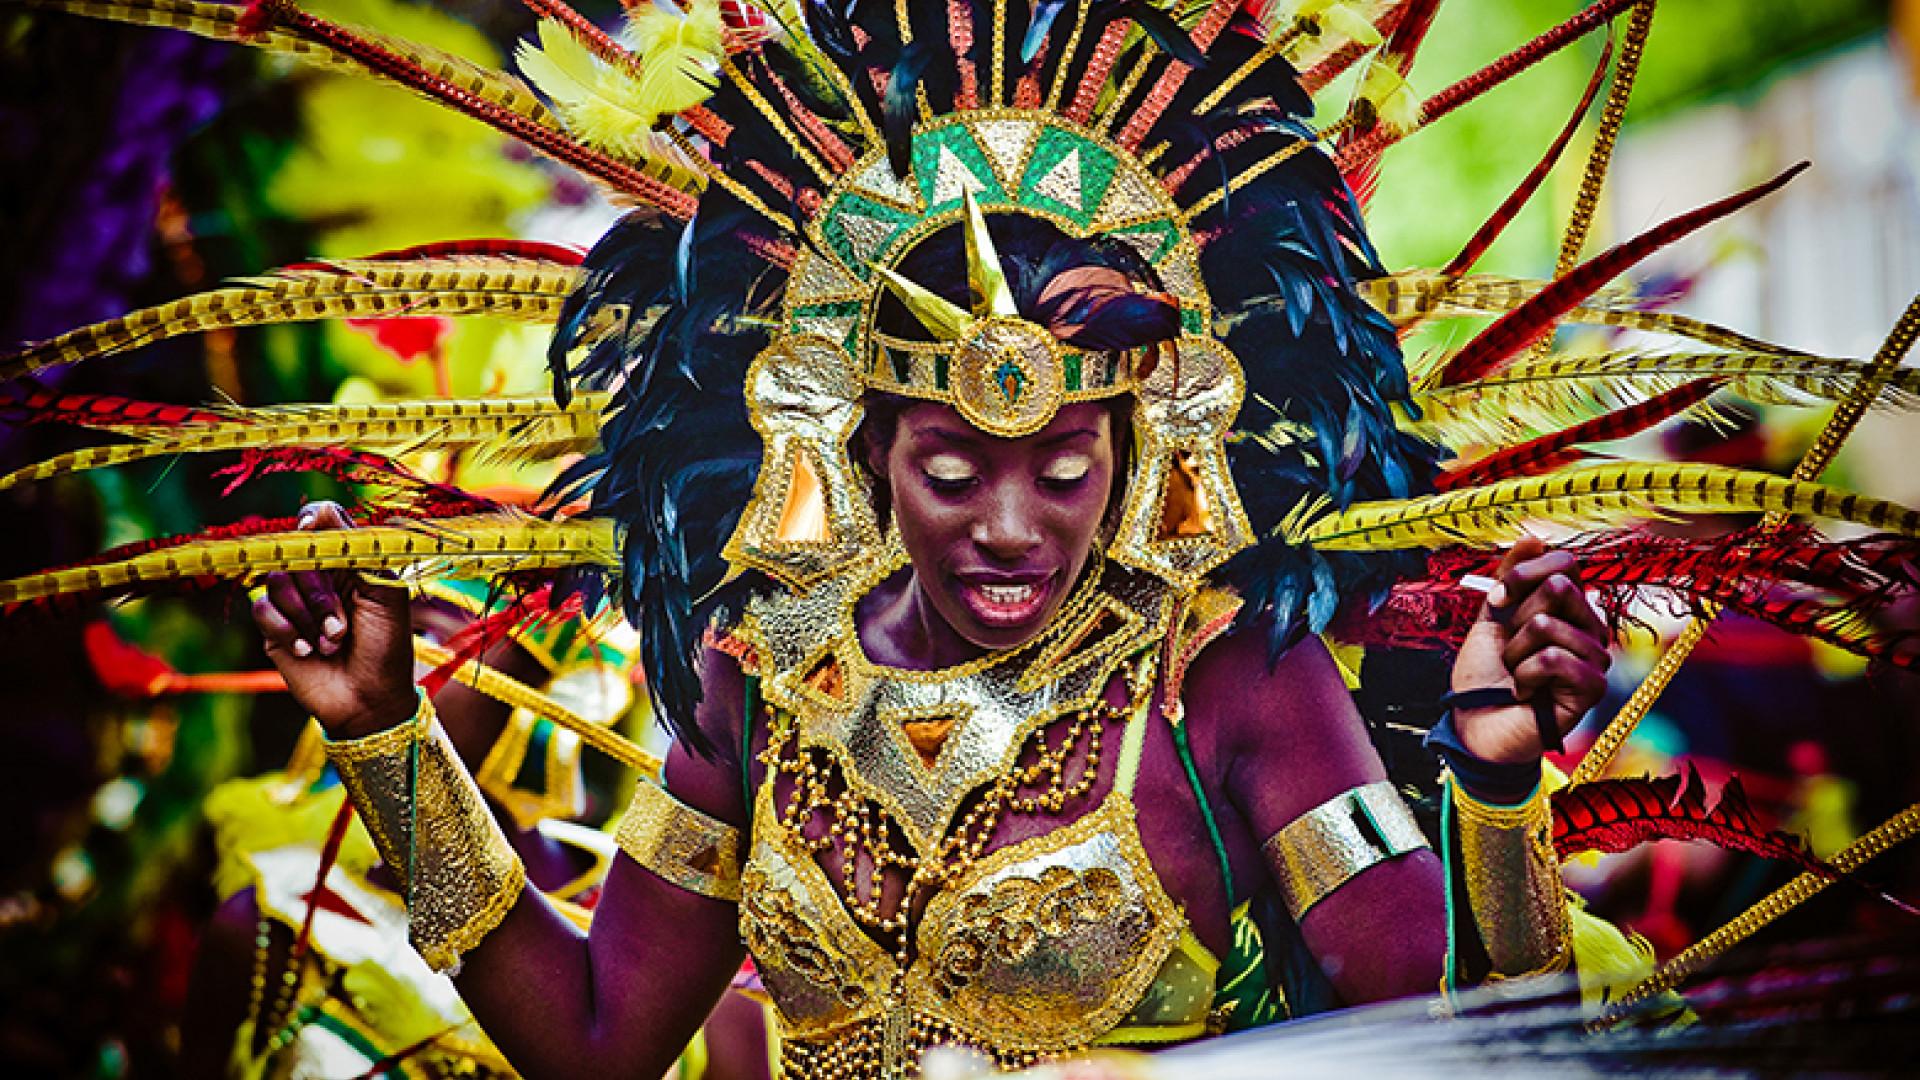 St-Pauls-Carnival_CREDIT_Martins-Kikulis